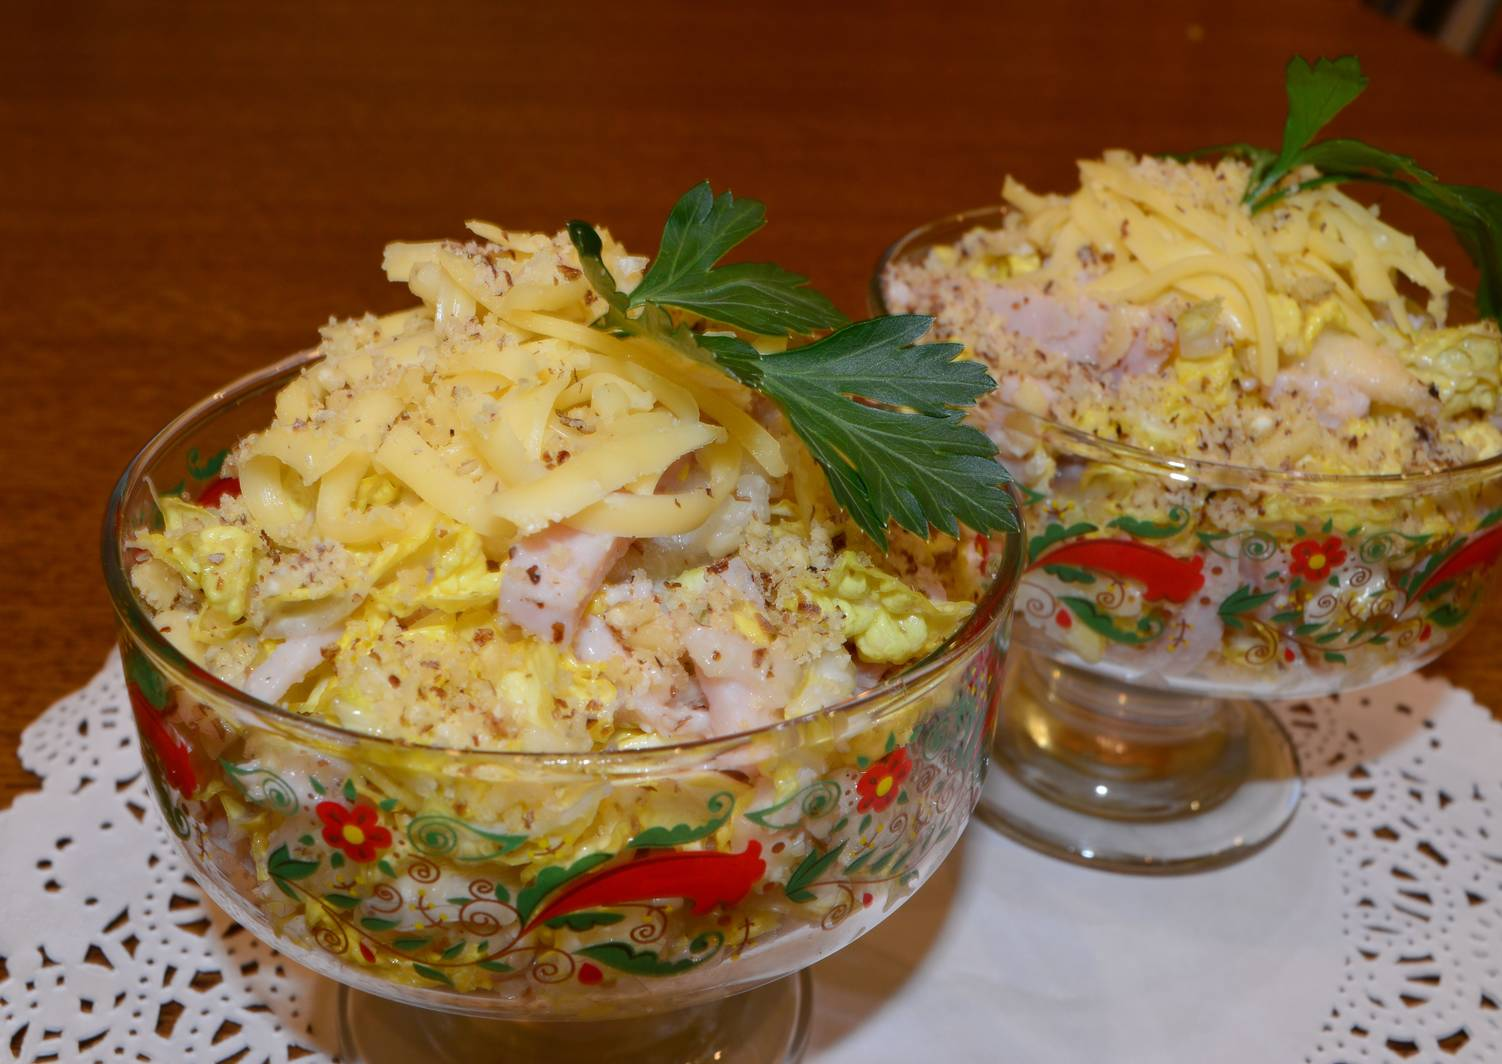 салат загадка рецепт с фото лидер коммунистов россии